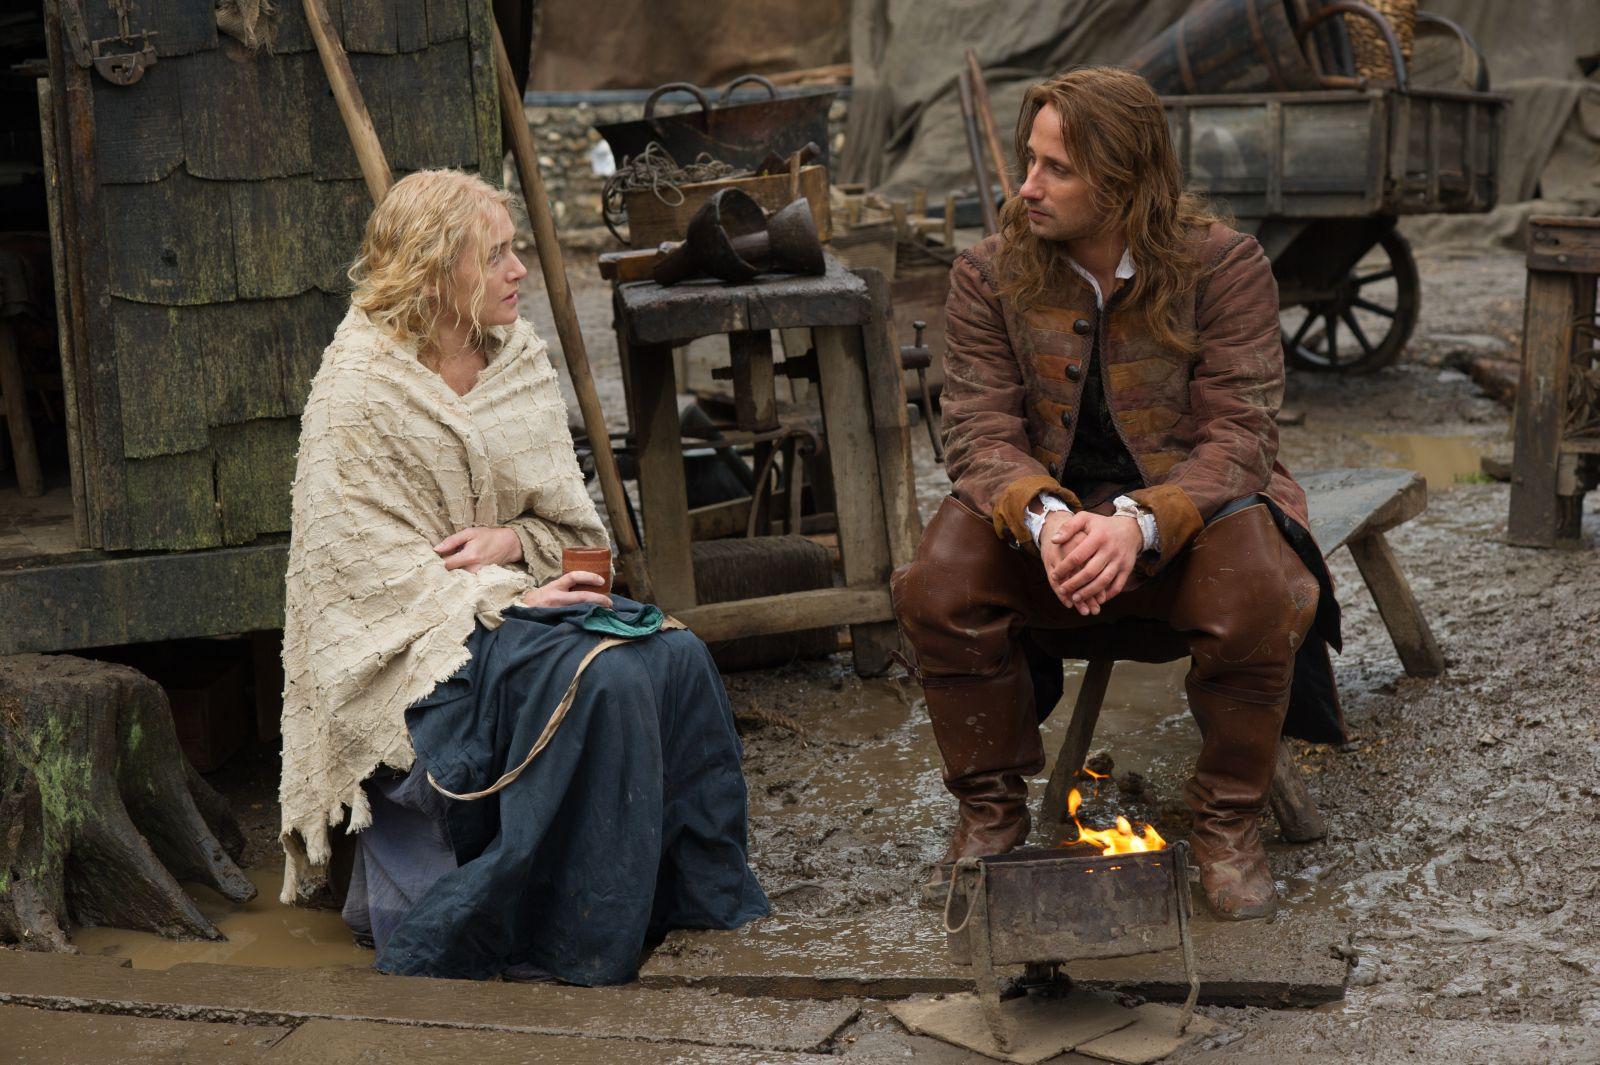 Le Regole del Caos: Kate Winslet con Matthias Schoenaerts in una scena